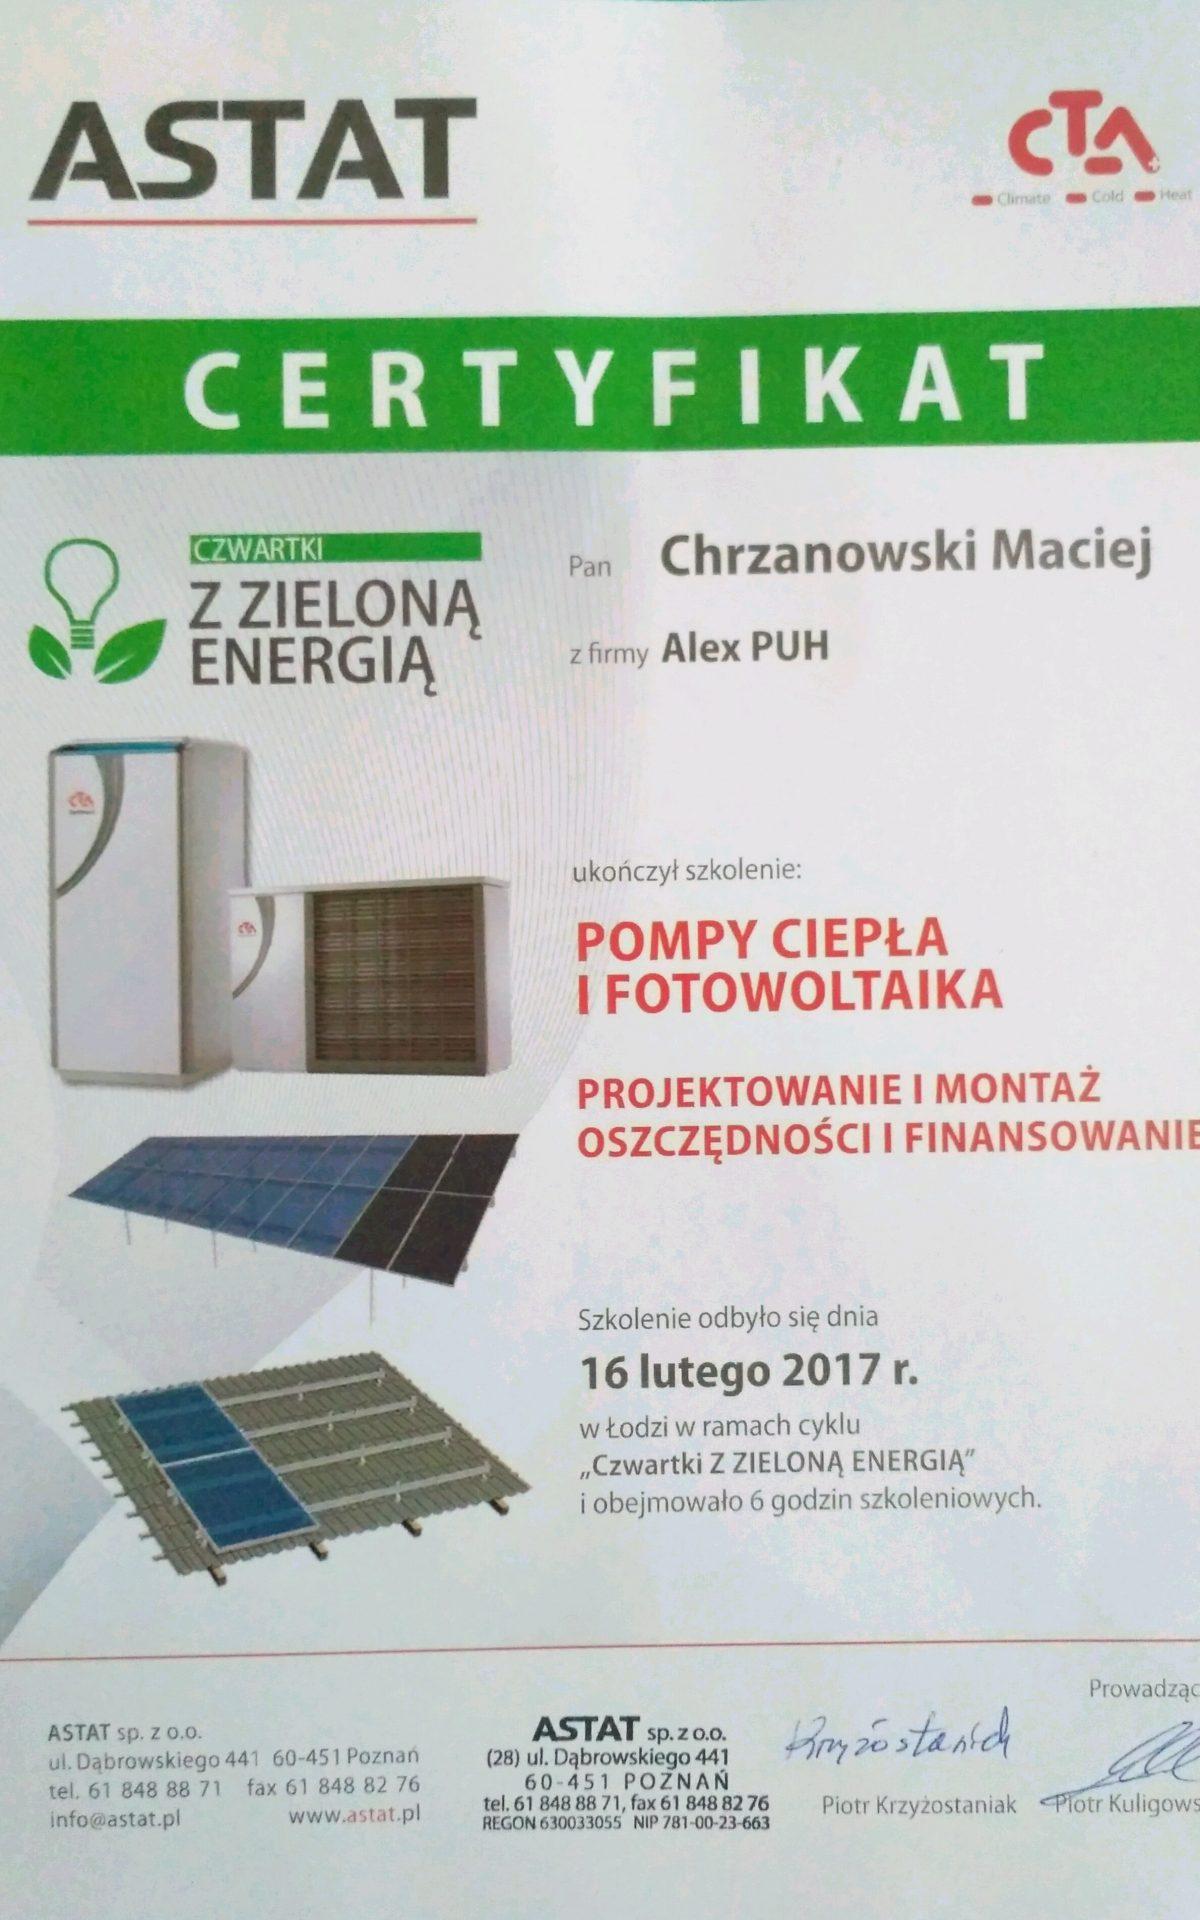 Certyfikat (4)